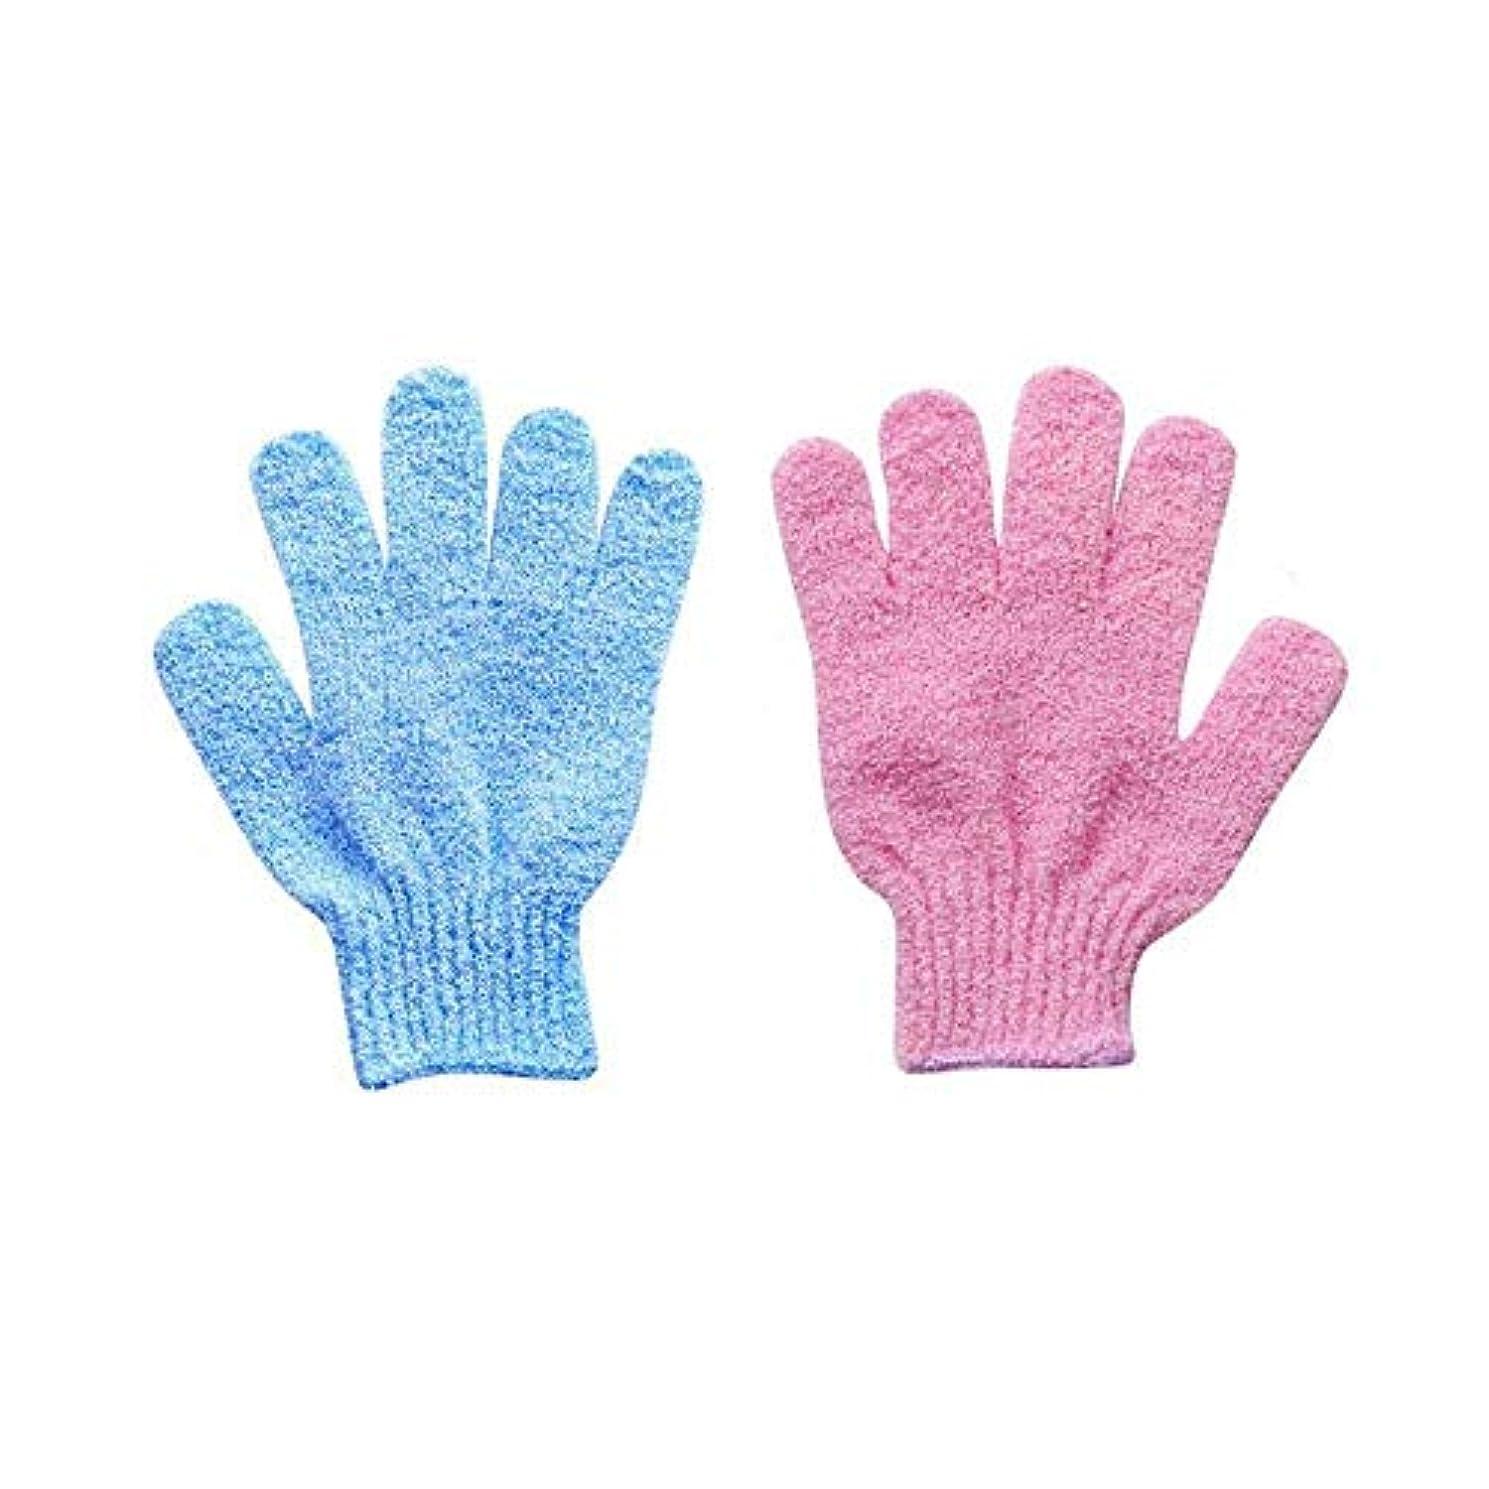 レビュアー暖炉分子お風呂手袋 五本指 シャワーグローブ 泡立ち 柔らかい 入浴用品 角質除去 垢すり 2PCS